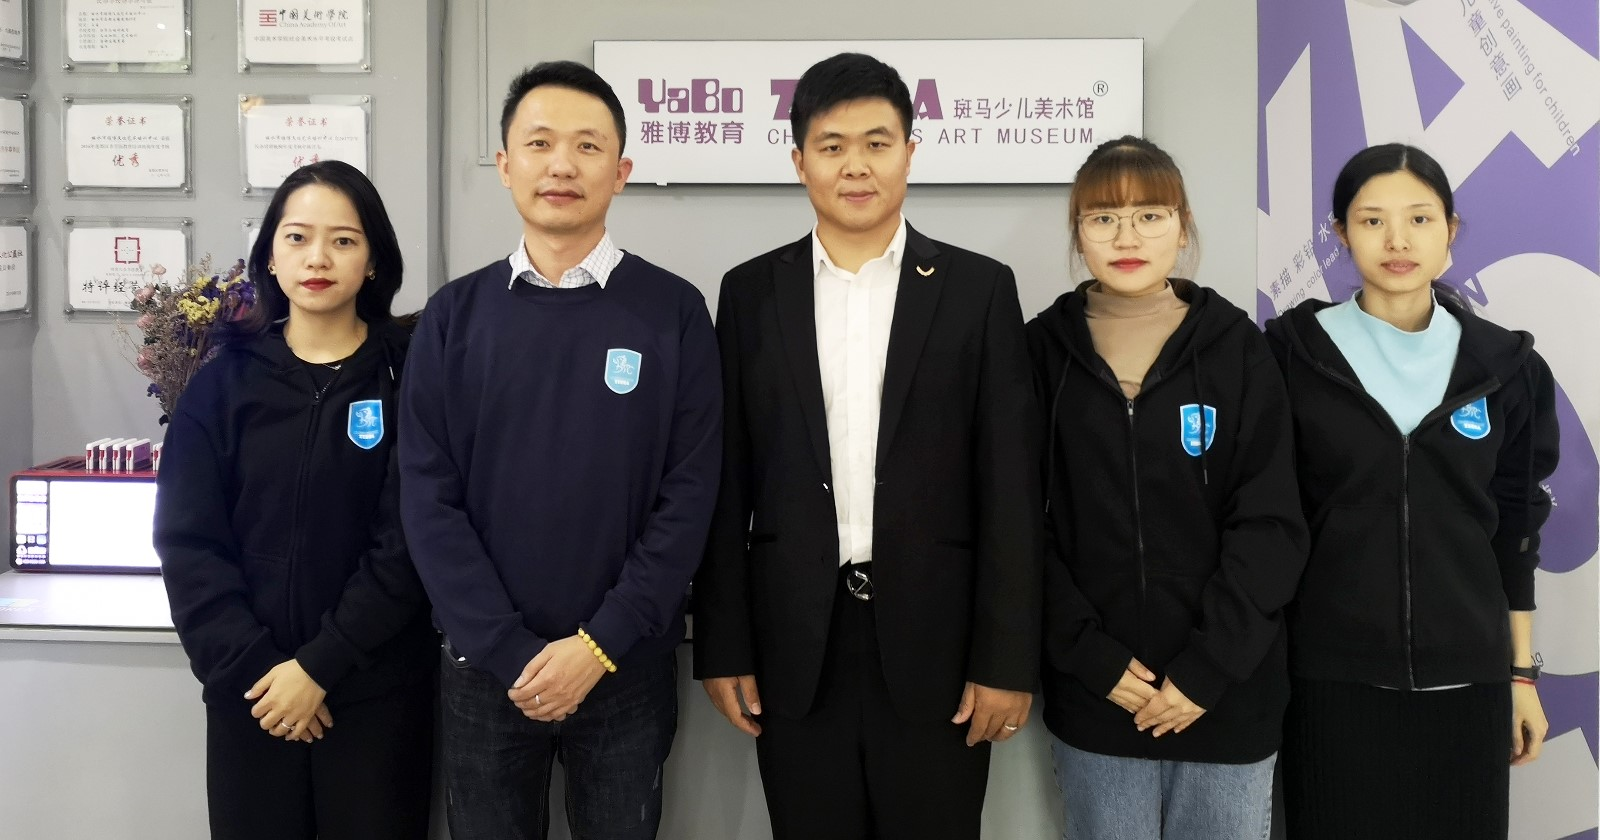 浙江丽水雅博教育合规工作A.jpg